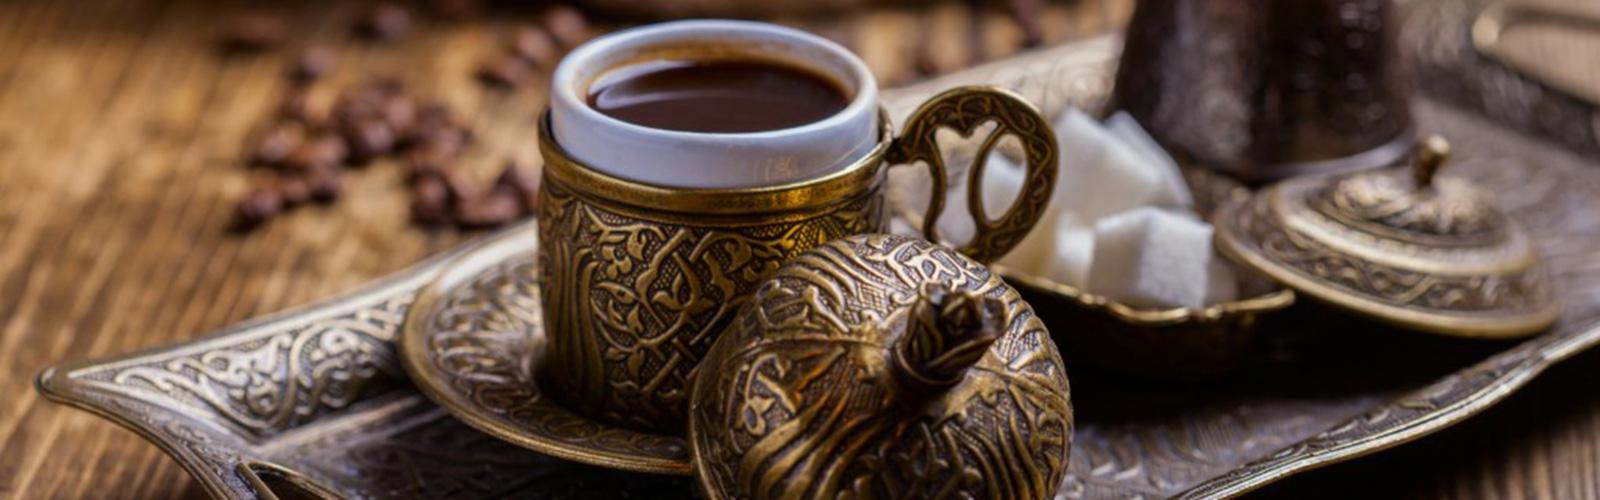 caffè-turco